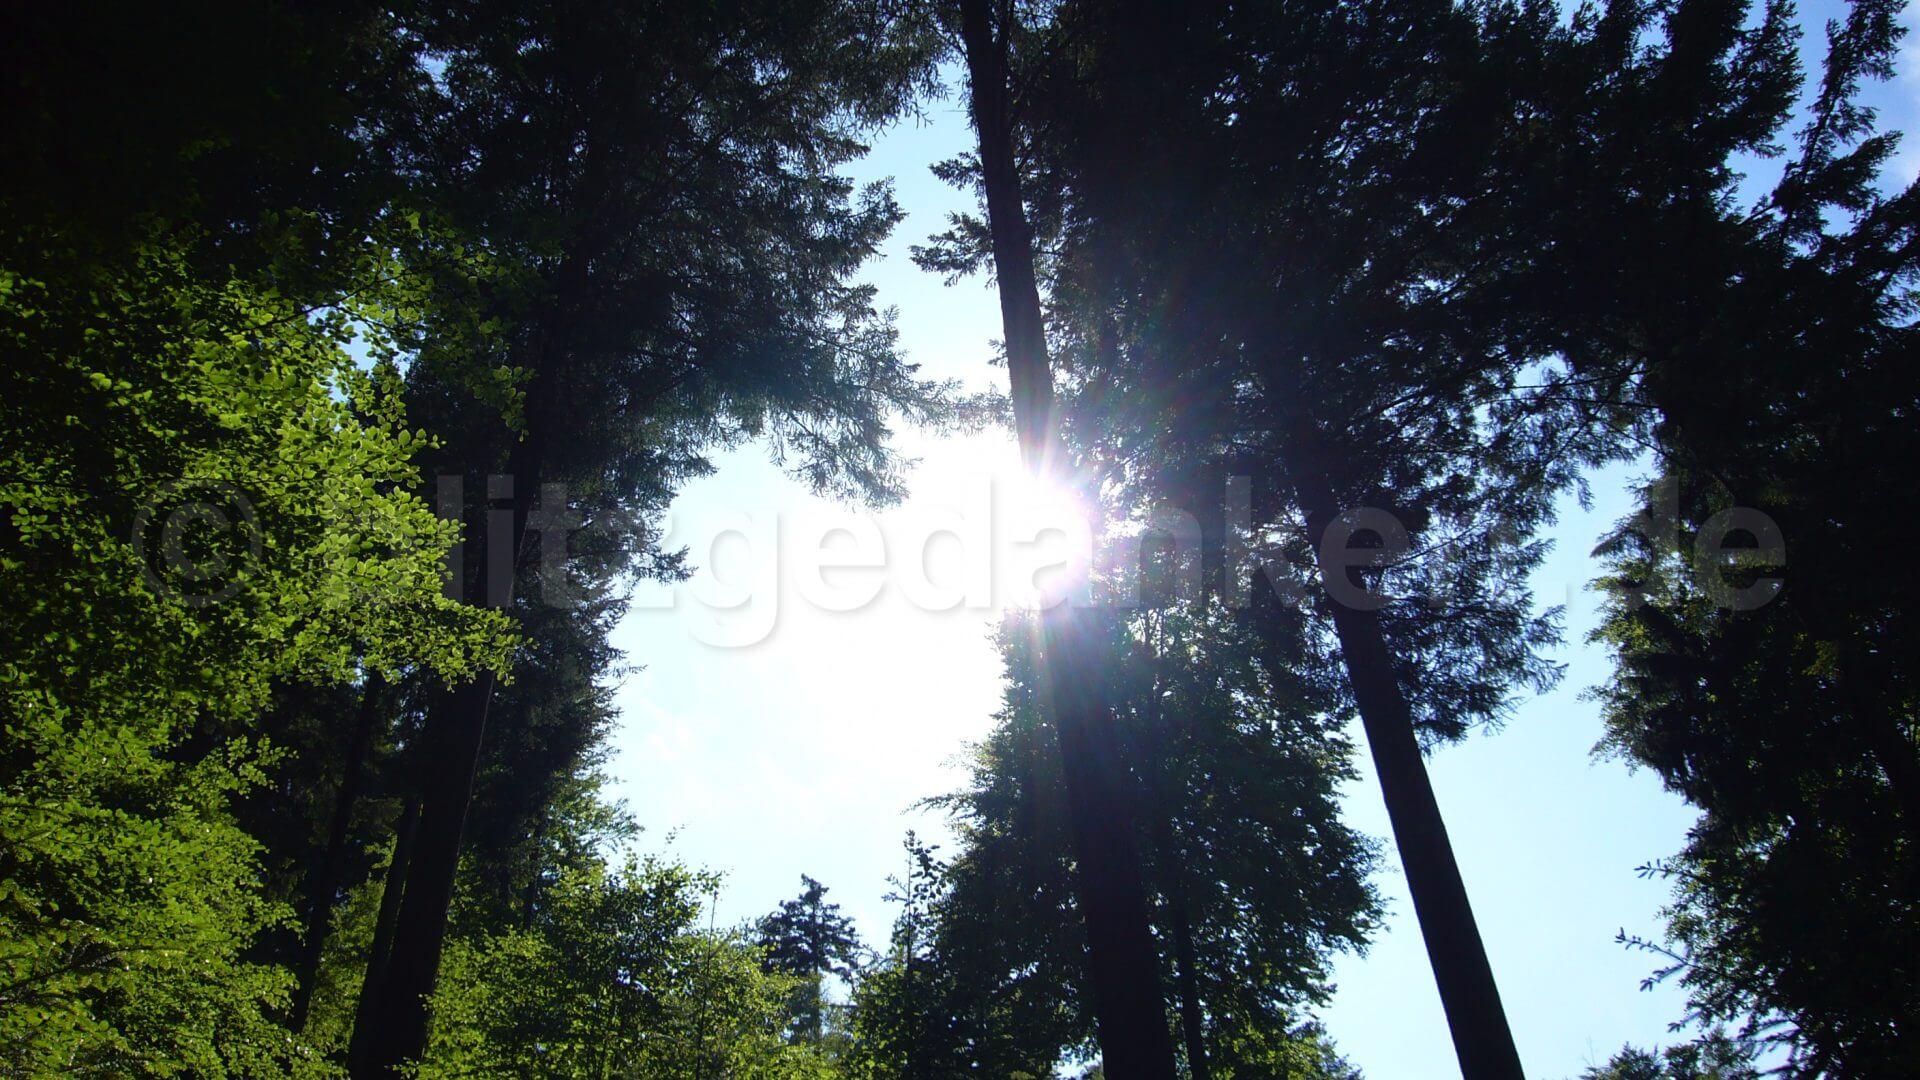 Sonne strahlt durch Bäume